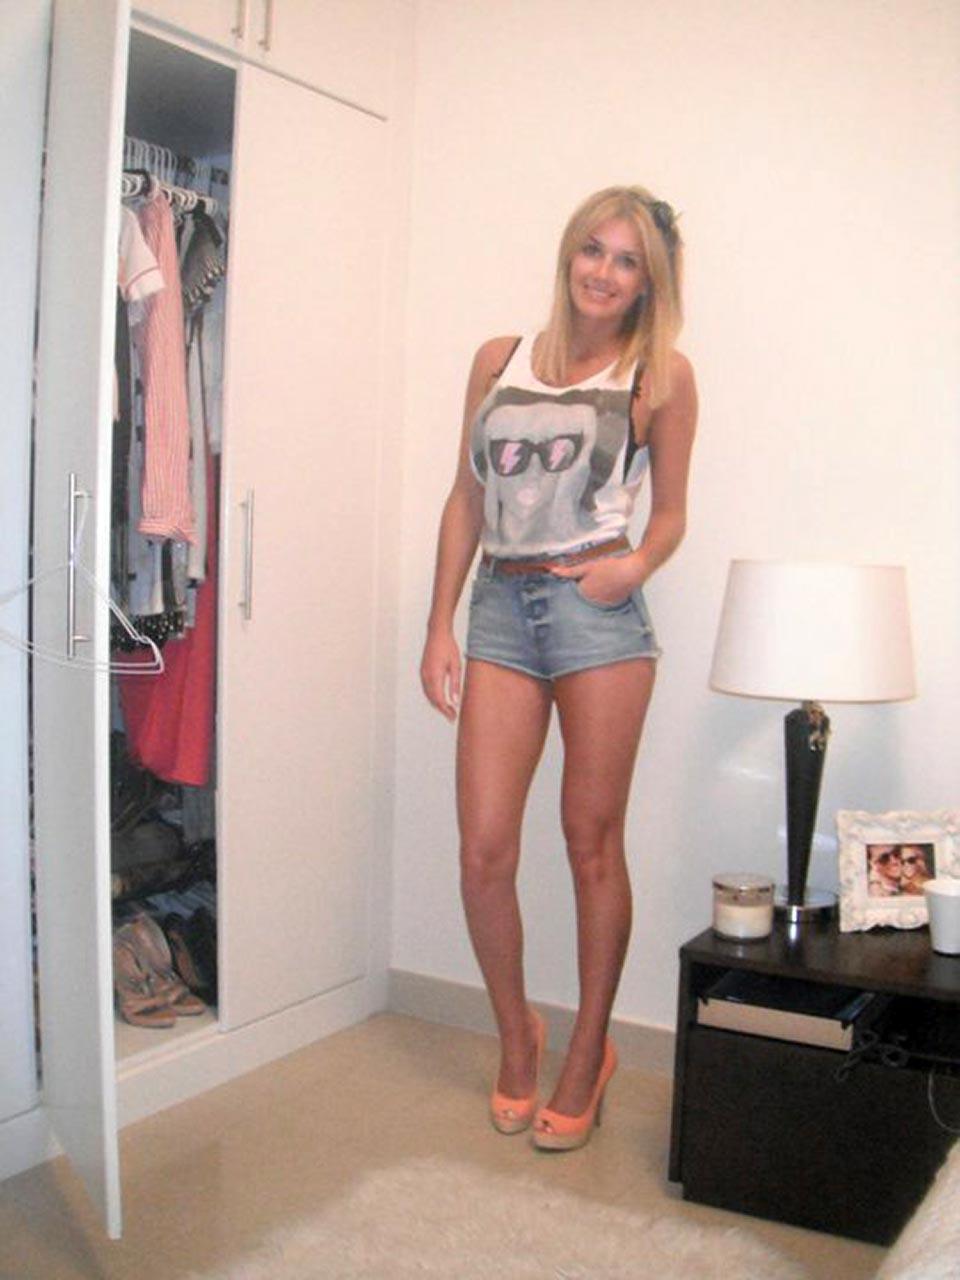 25-Laura-Anderson-Nude-Leaked.jpg